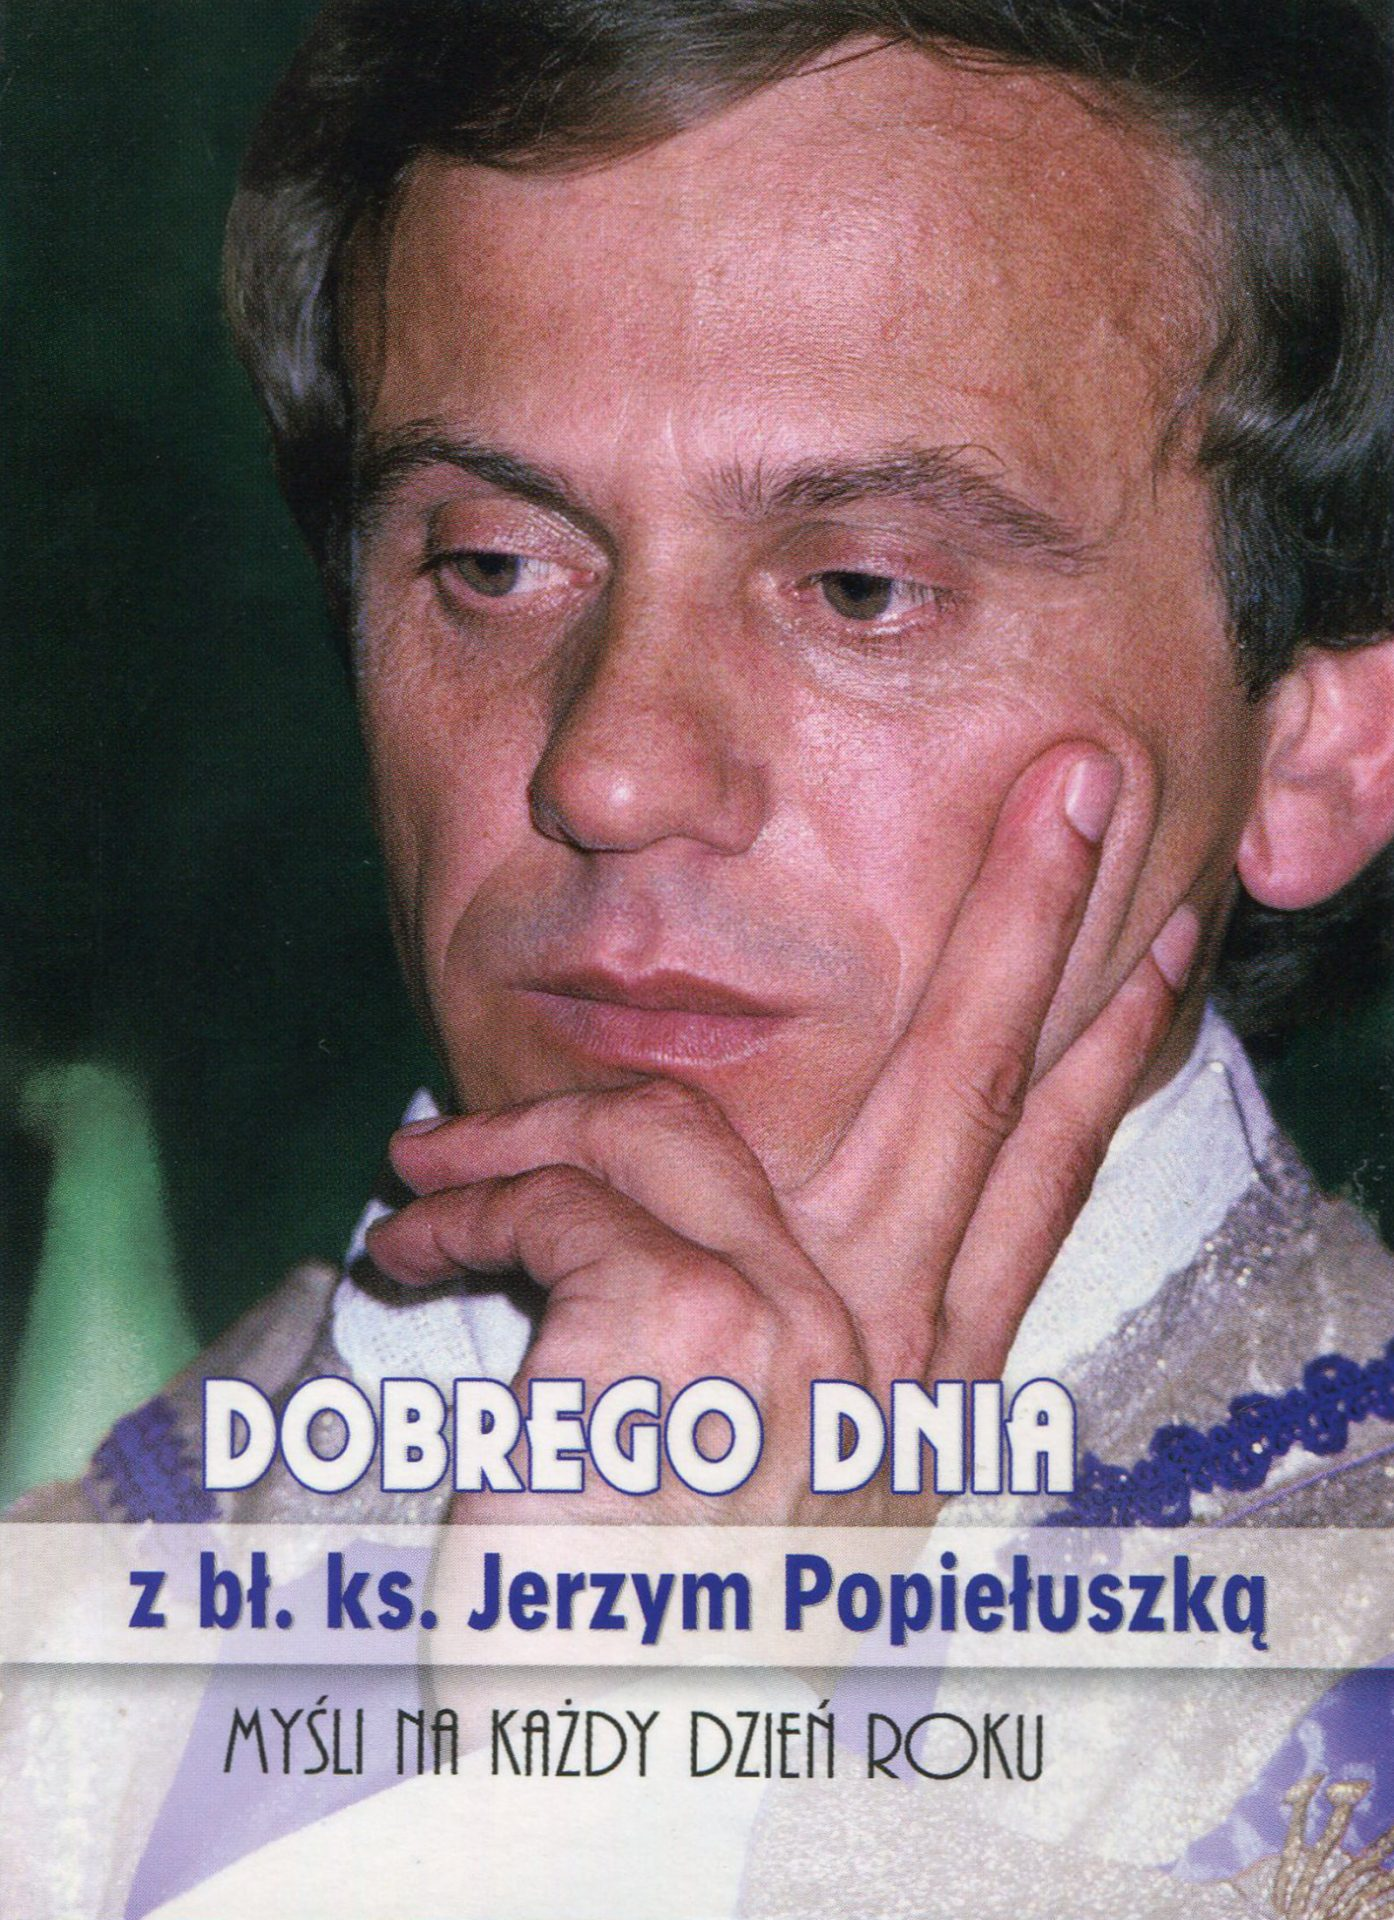 Dobrego dnia z bł. ks. Jerzym Popiełuszką